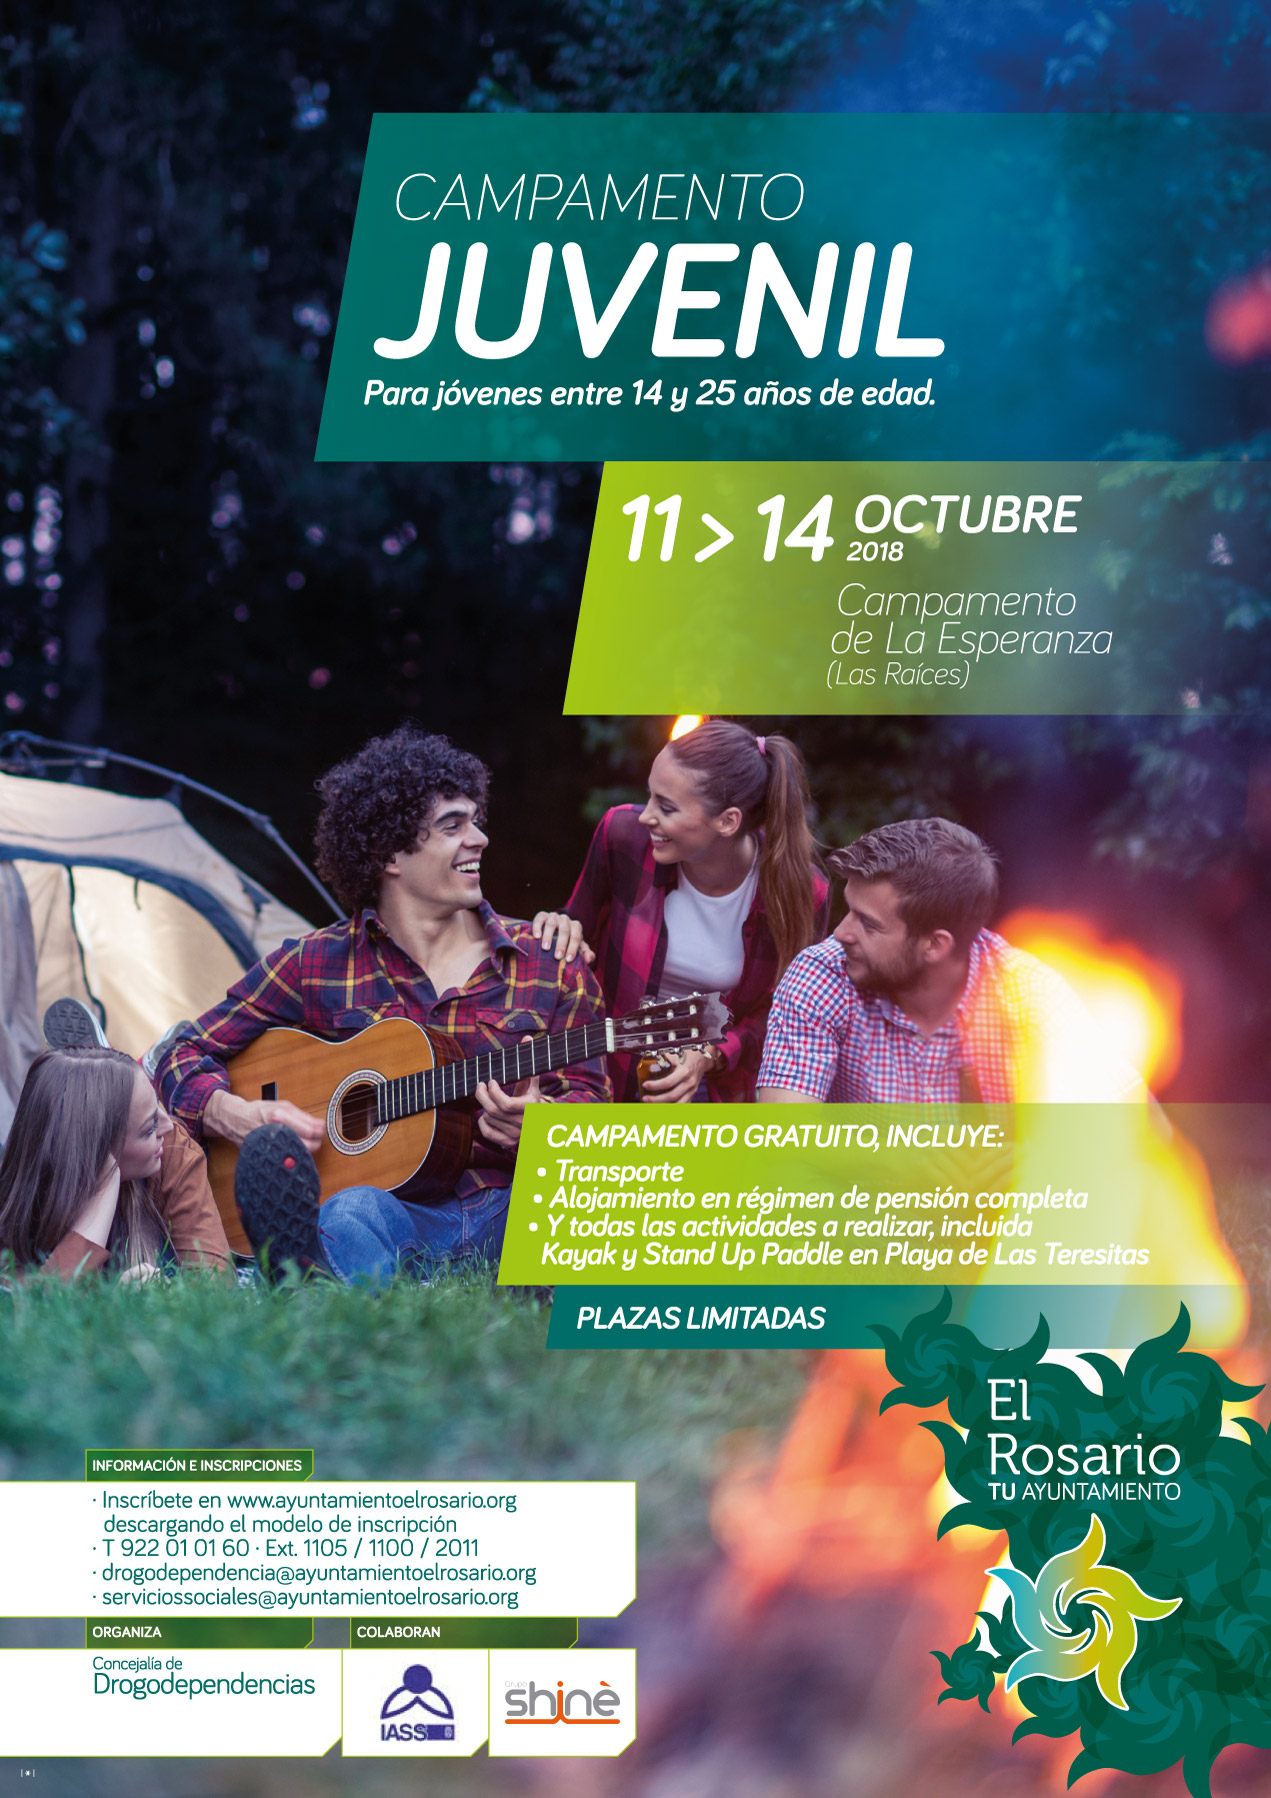 CAMPAMENTO_JUVENIL-20181011-CARTEL-A3-20180918-01af-redes